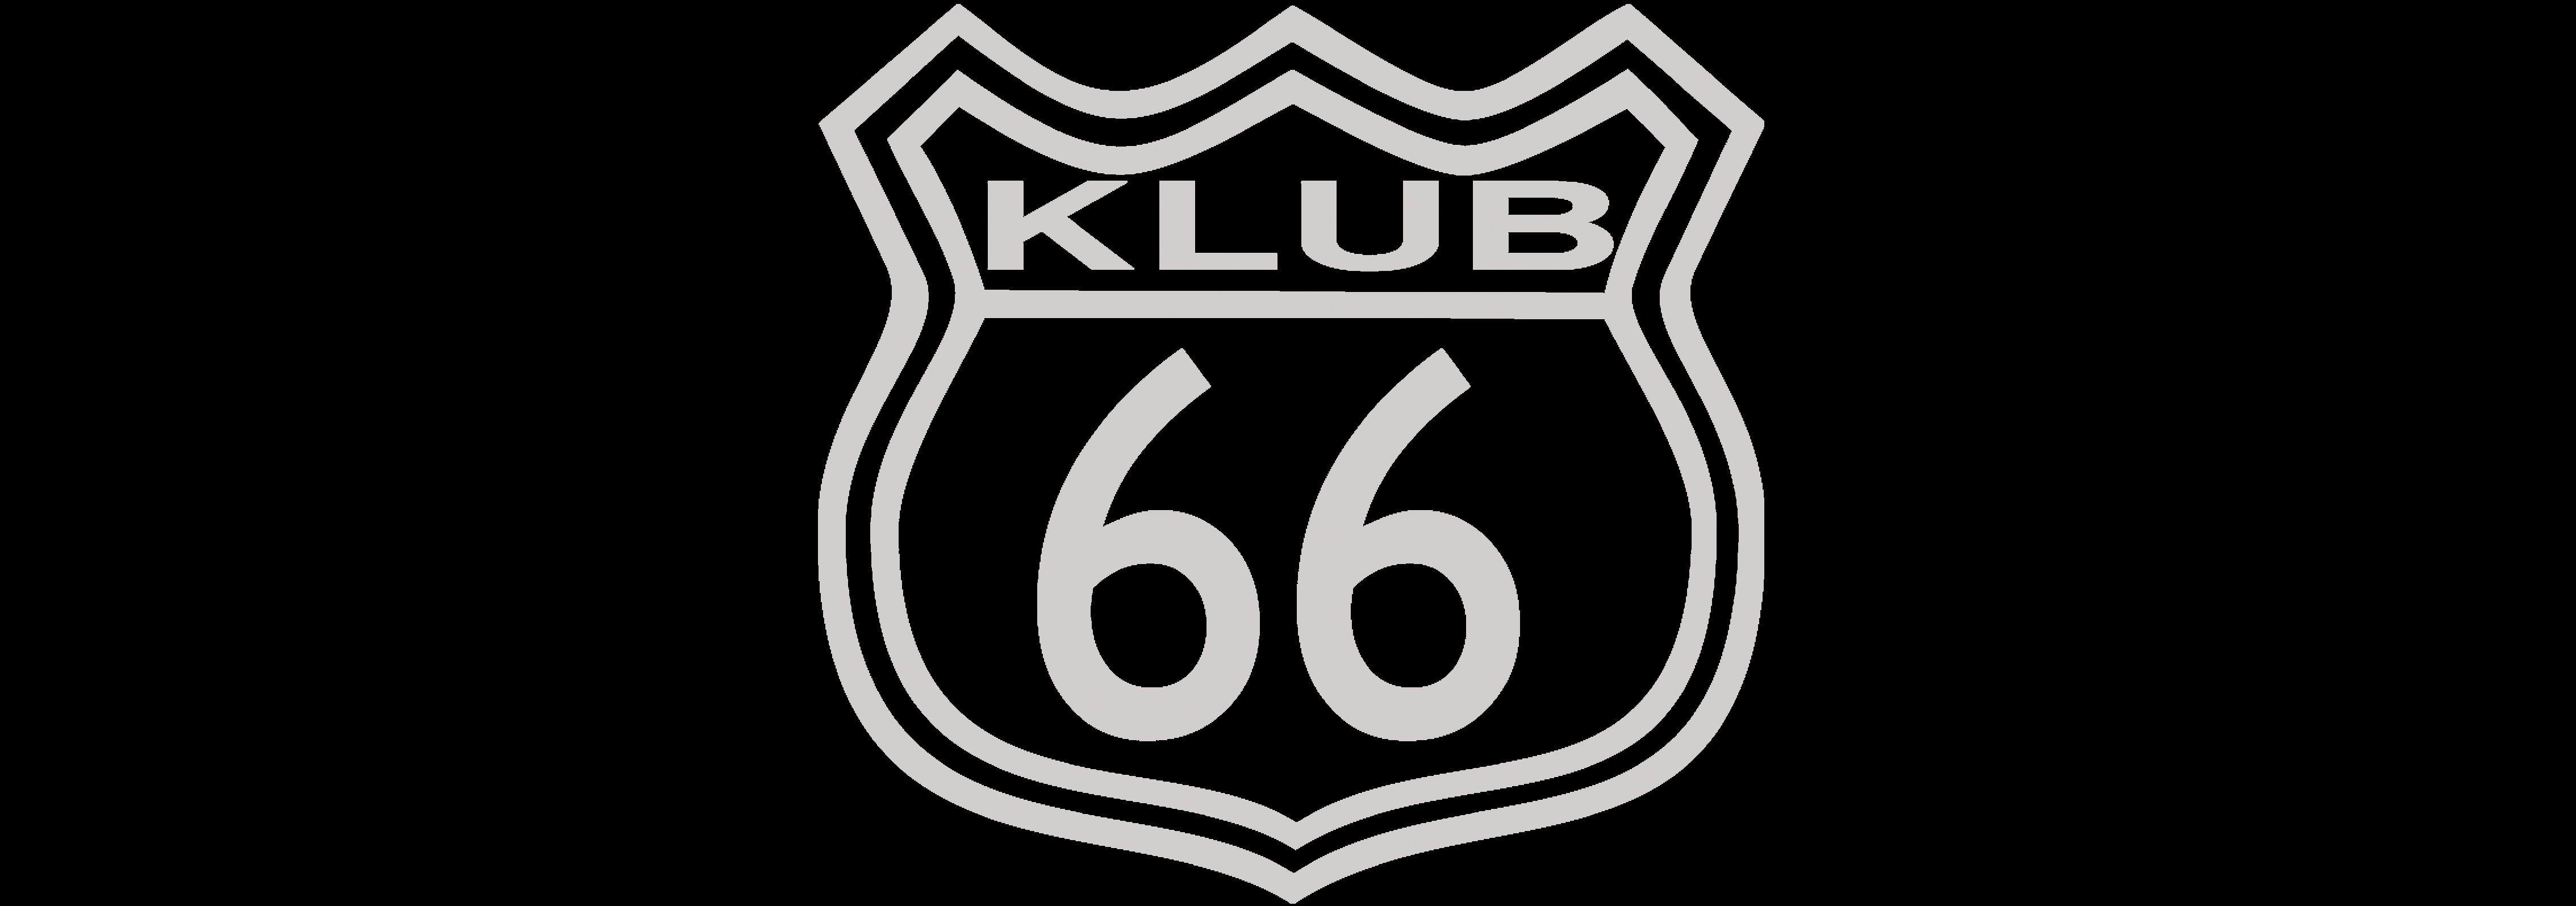 Klub 66